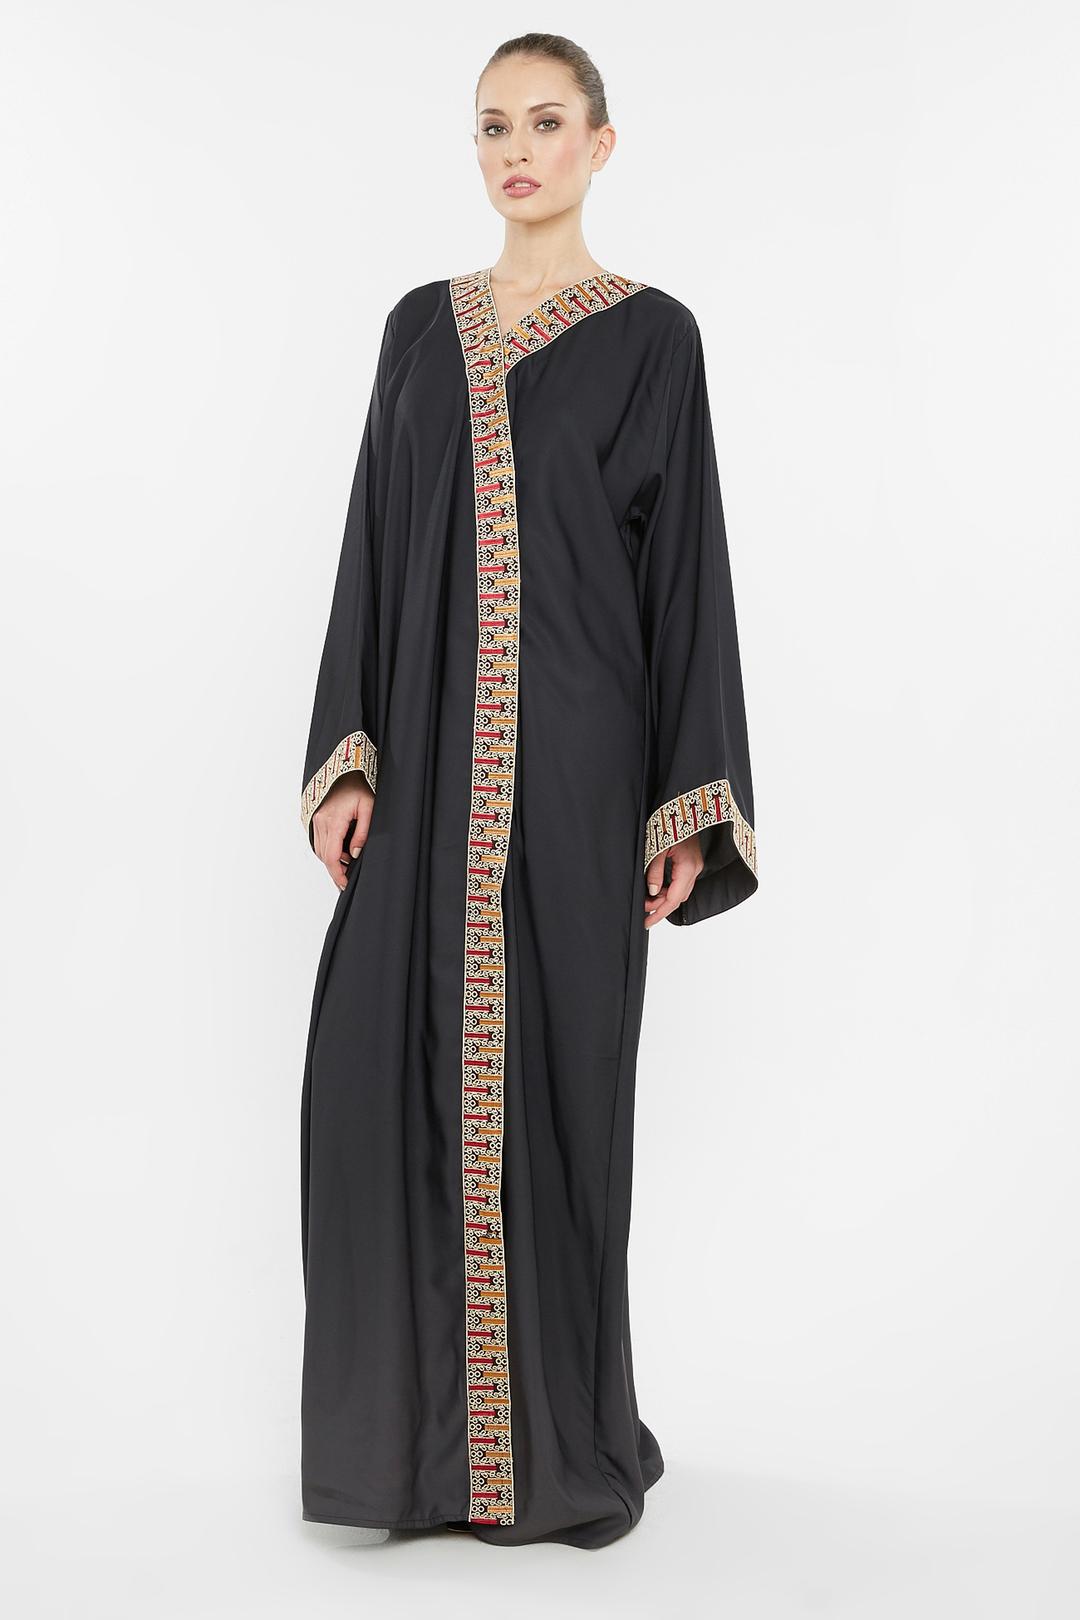 بالصور عبايات مغربية , المغرب وملابسه الجميله 5503 10